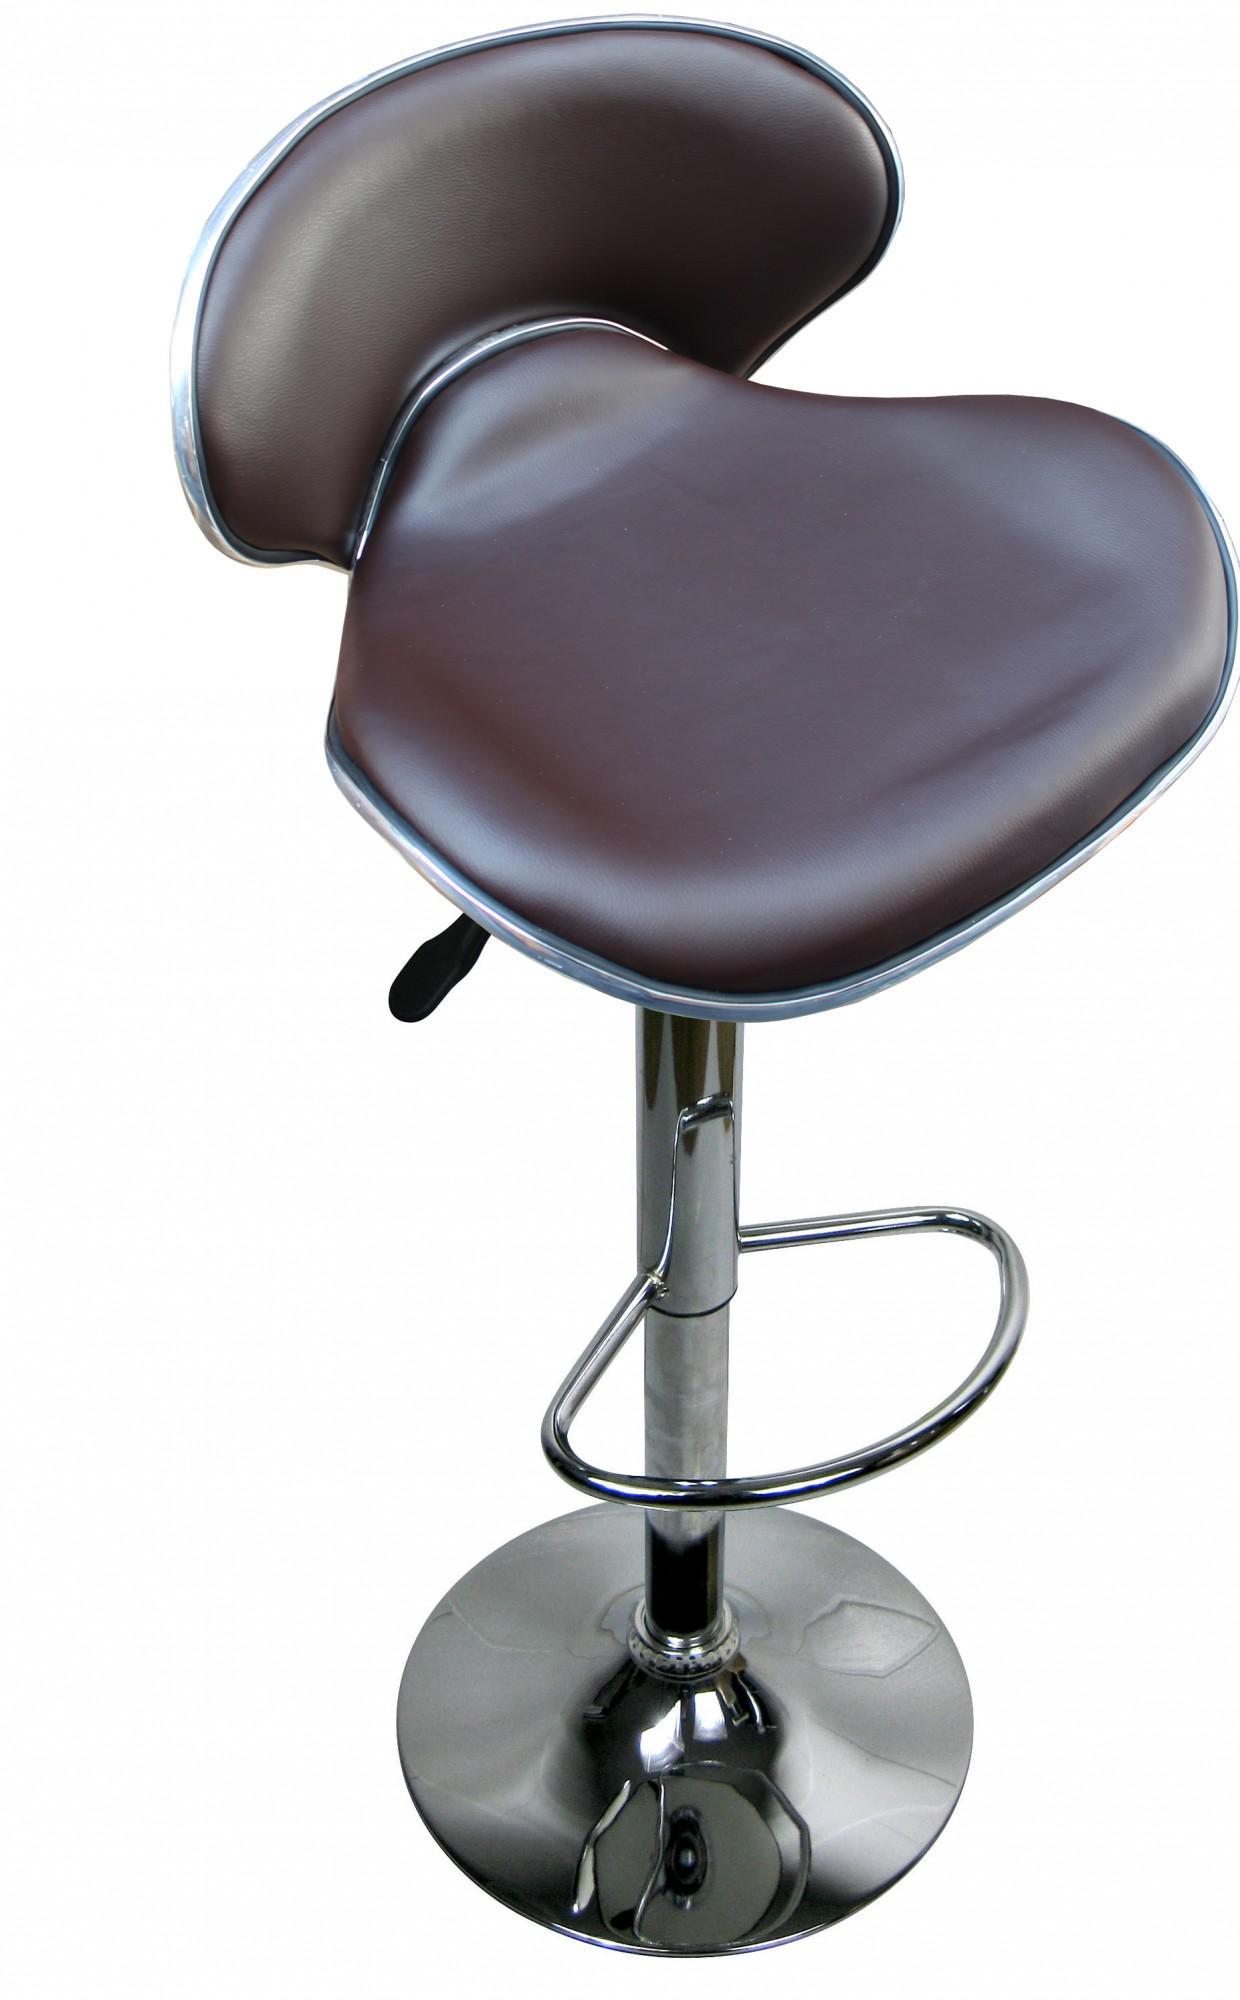 designer barhocker bar hocker stuhl barstuhl tresen m7 braun mit lehne neu ovp kaufen bei. Black Bedroom Furniture Sets. Home Design Ideas